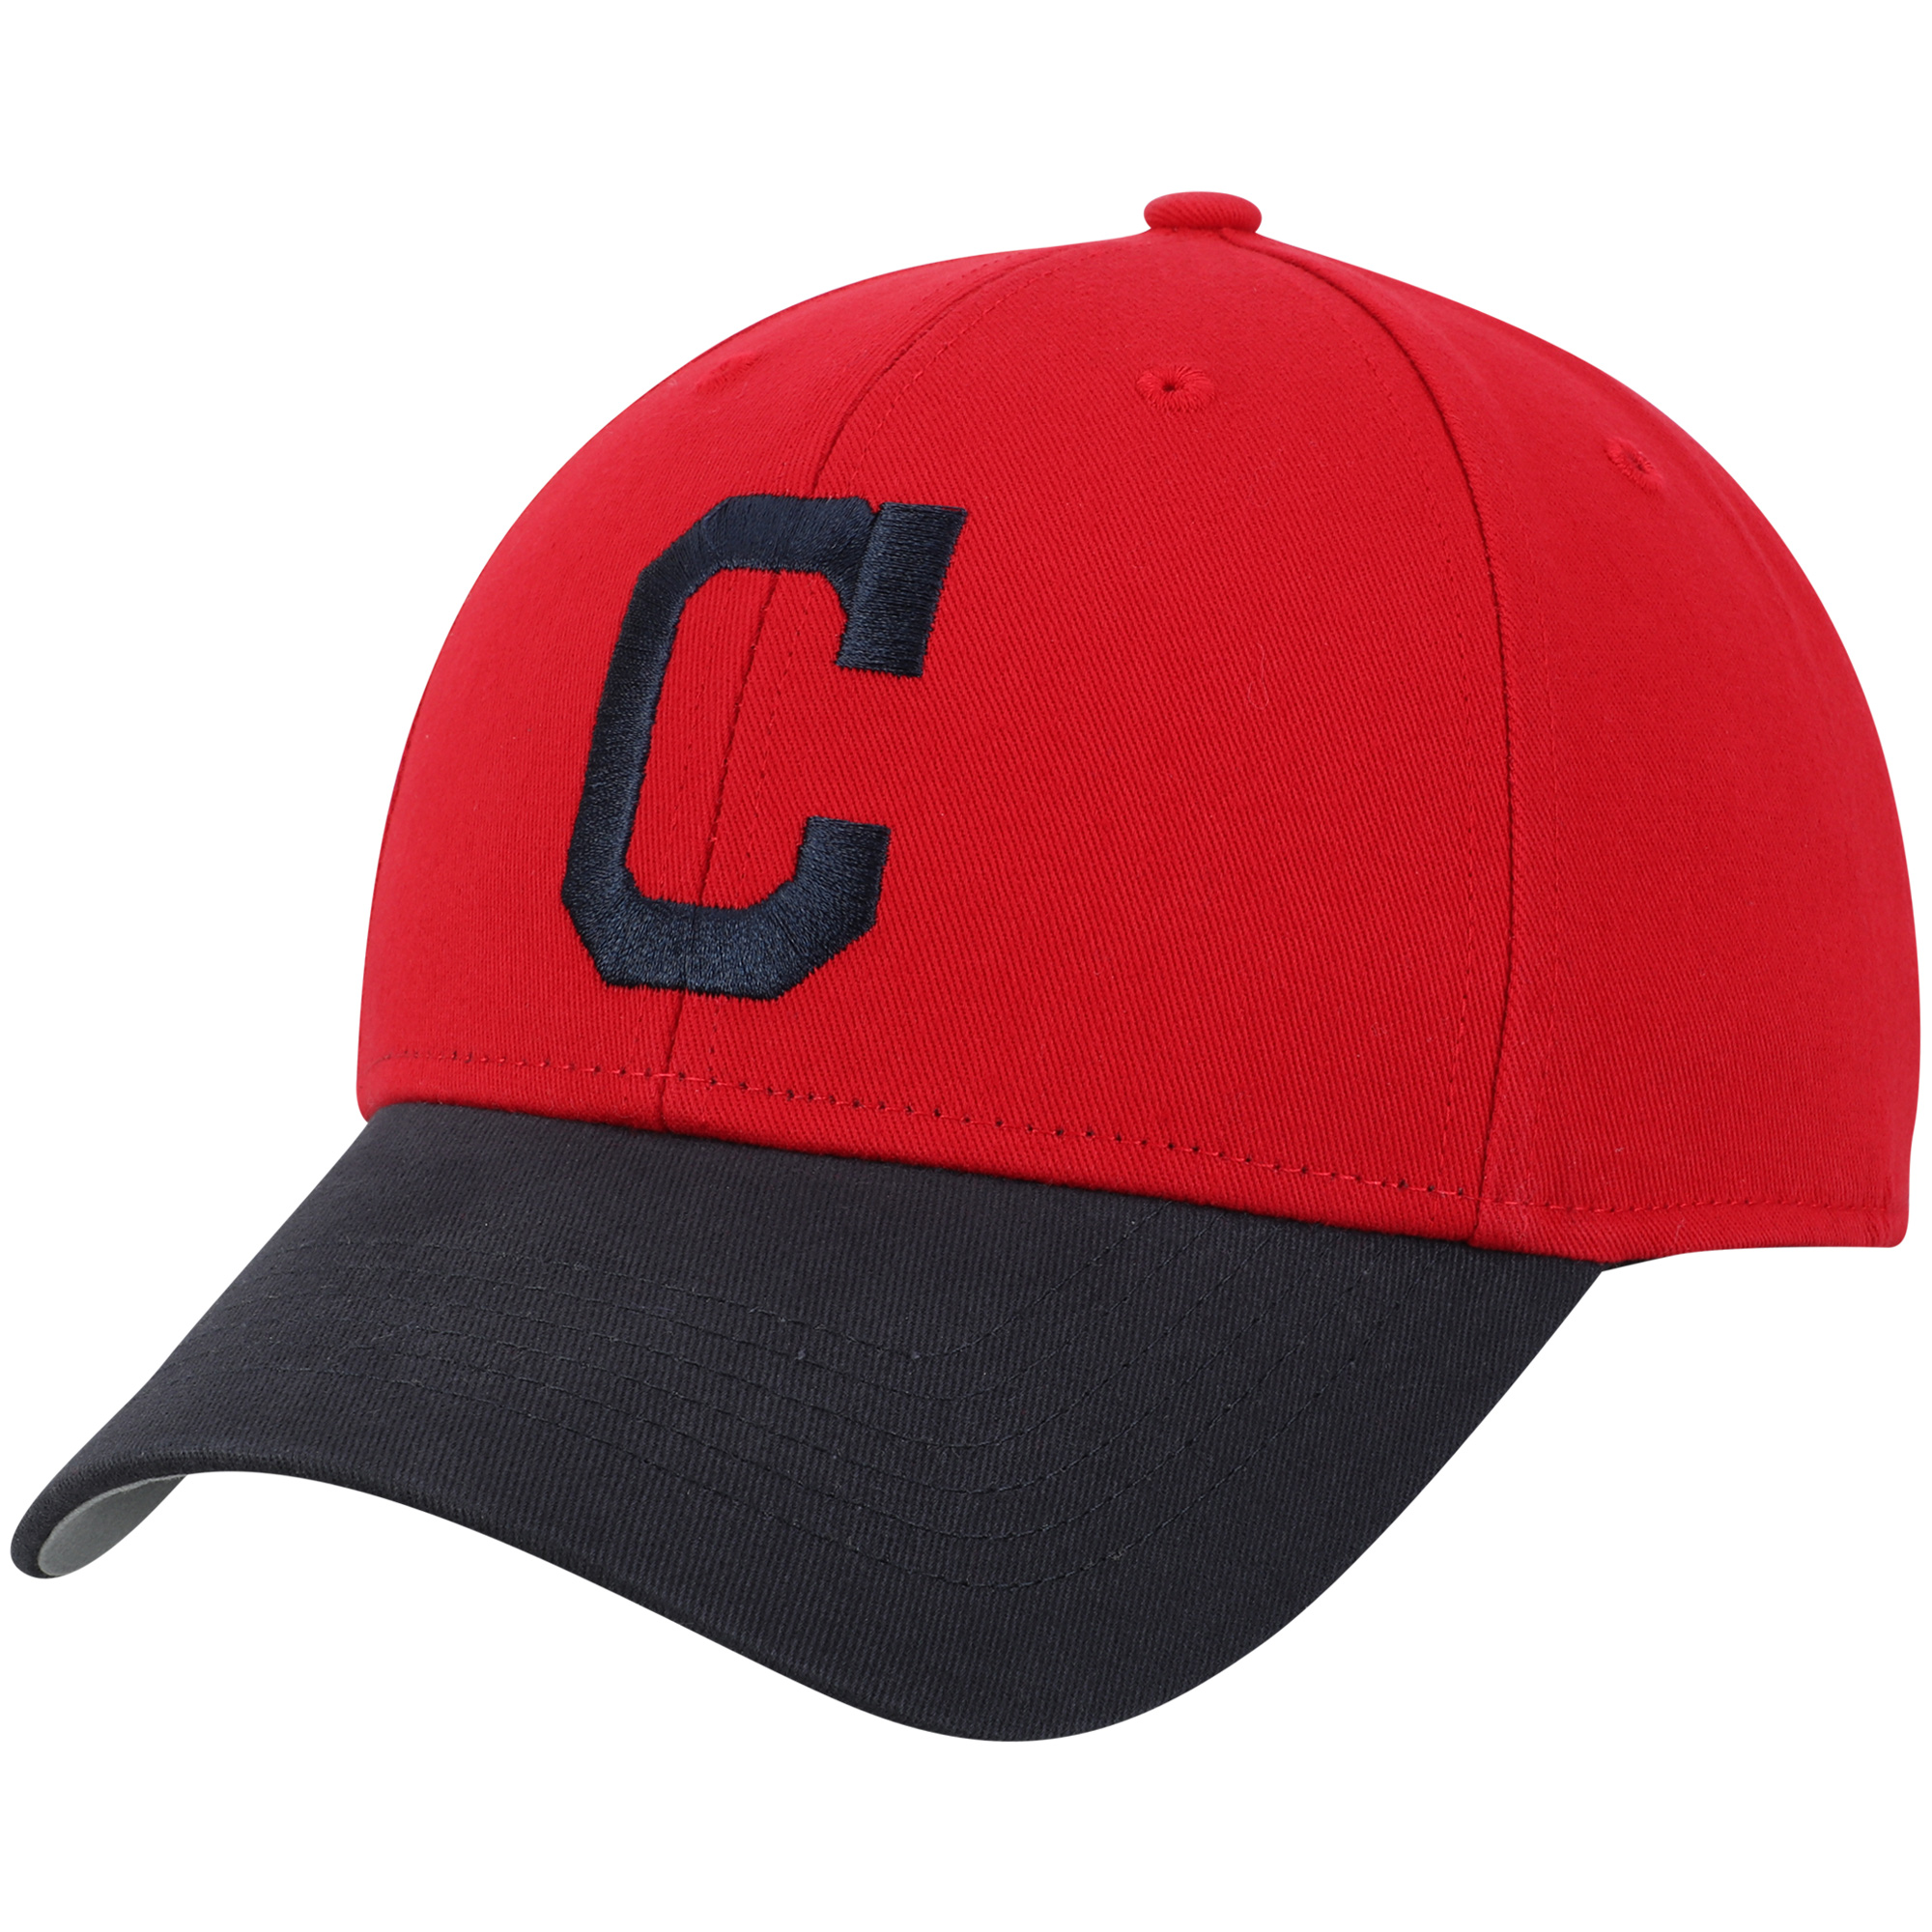 Men's Red/Navy Cleveland Indians Basic Adjustable Hat - OSFA